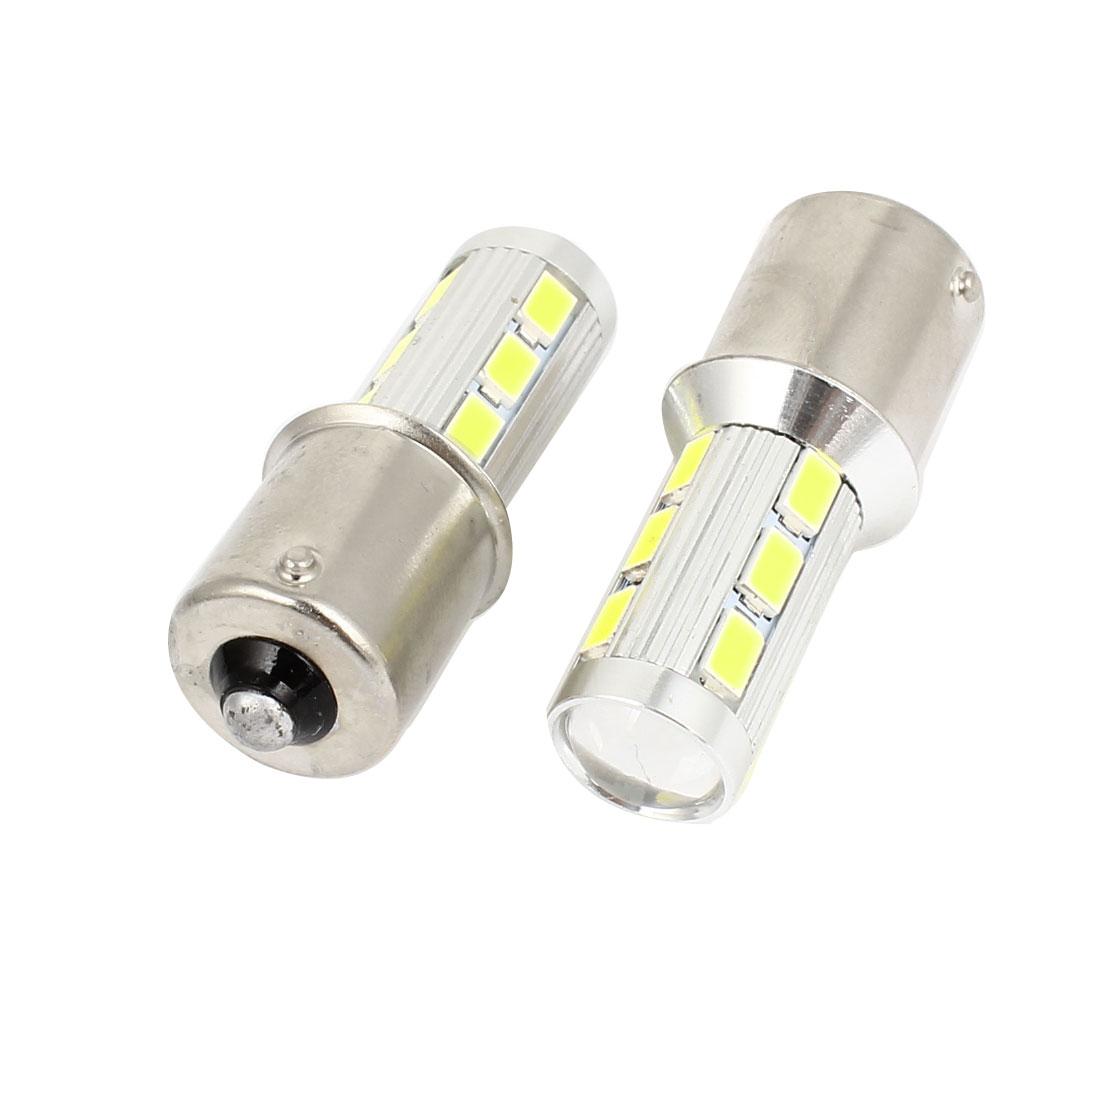 Pair 12-30V 1156 14 5630 SMD LEDs Braking Bulb Stop Light Bulb White for Car